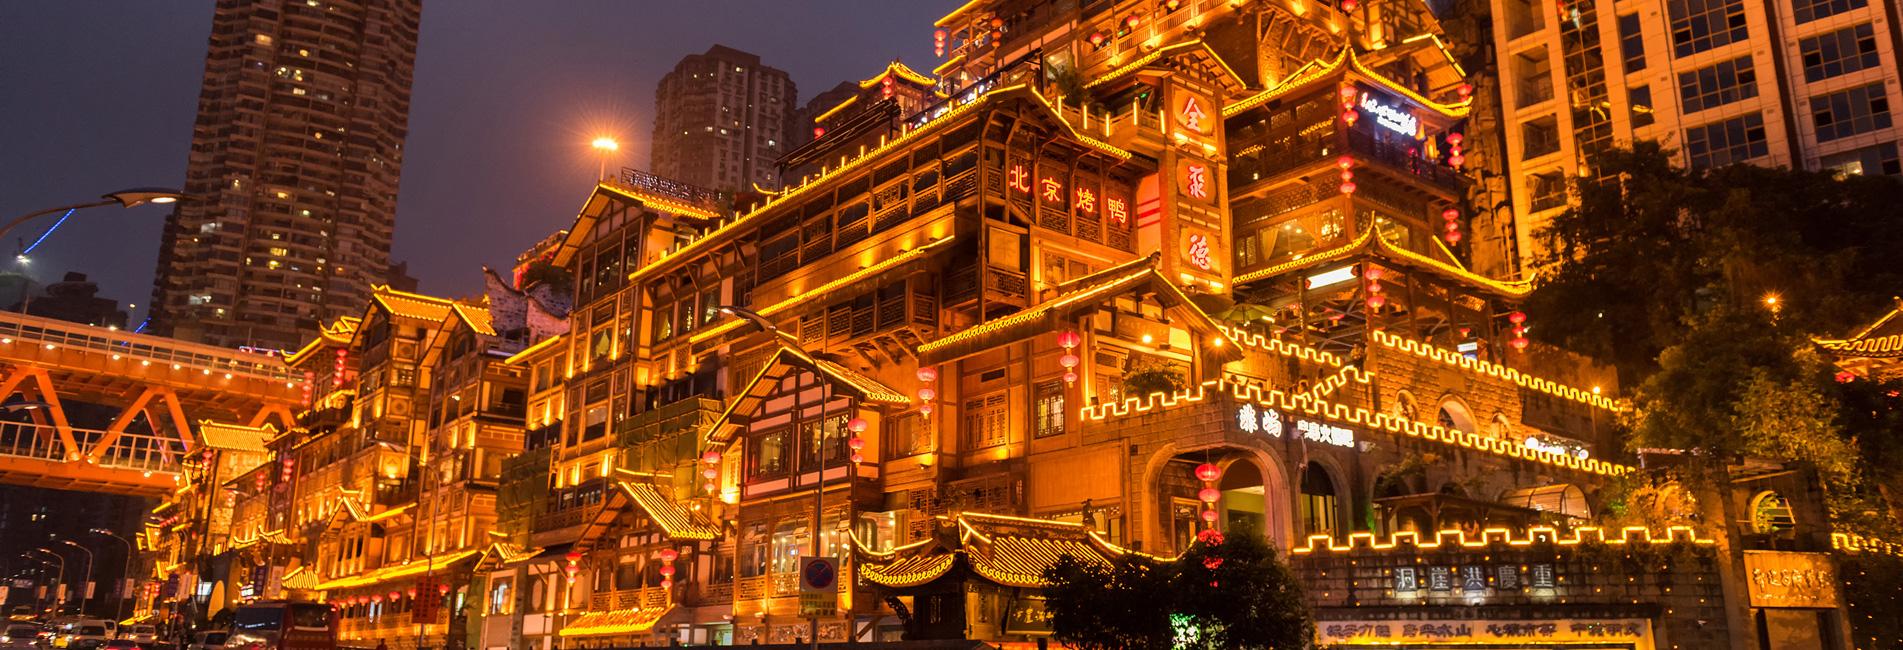 Chongqing Tours Private Tours To Chongqing China